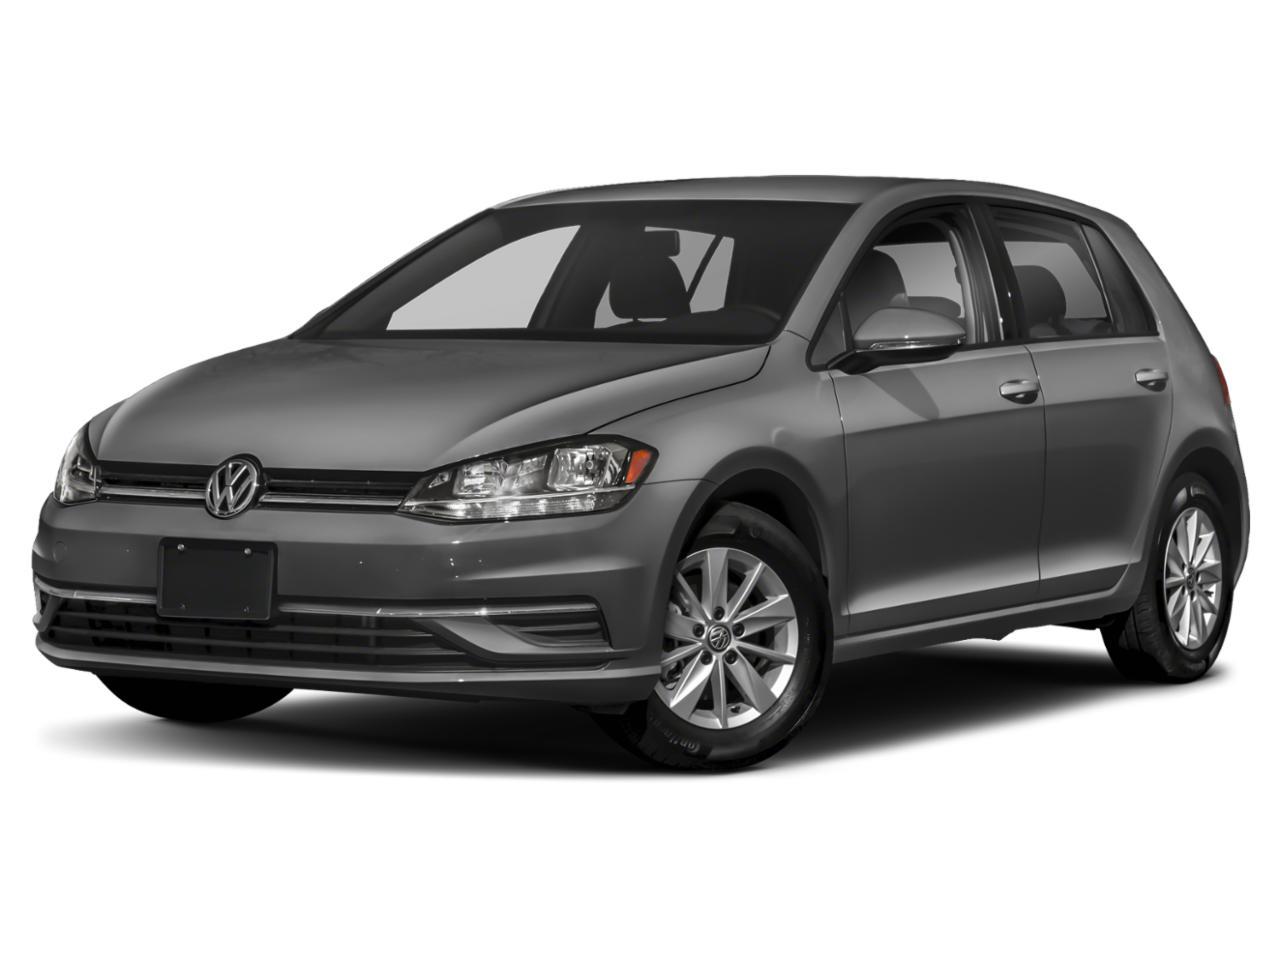 2018 Volkswagen Golf Vehicle Photo in Bowie, MD 20716